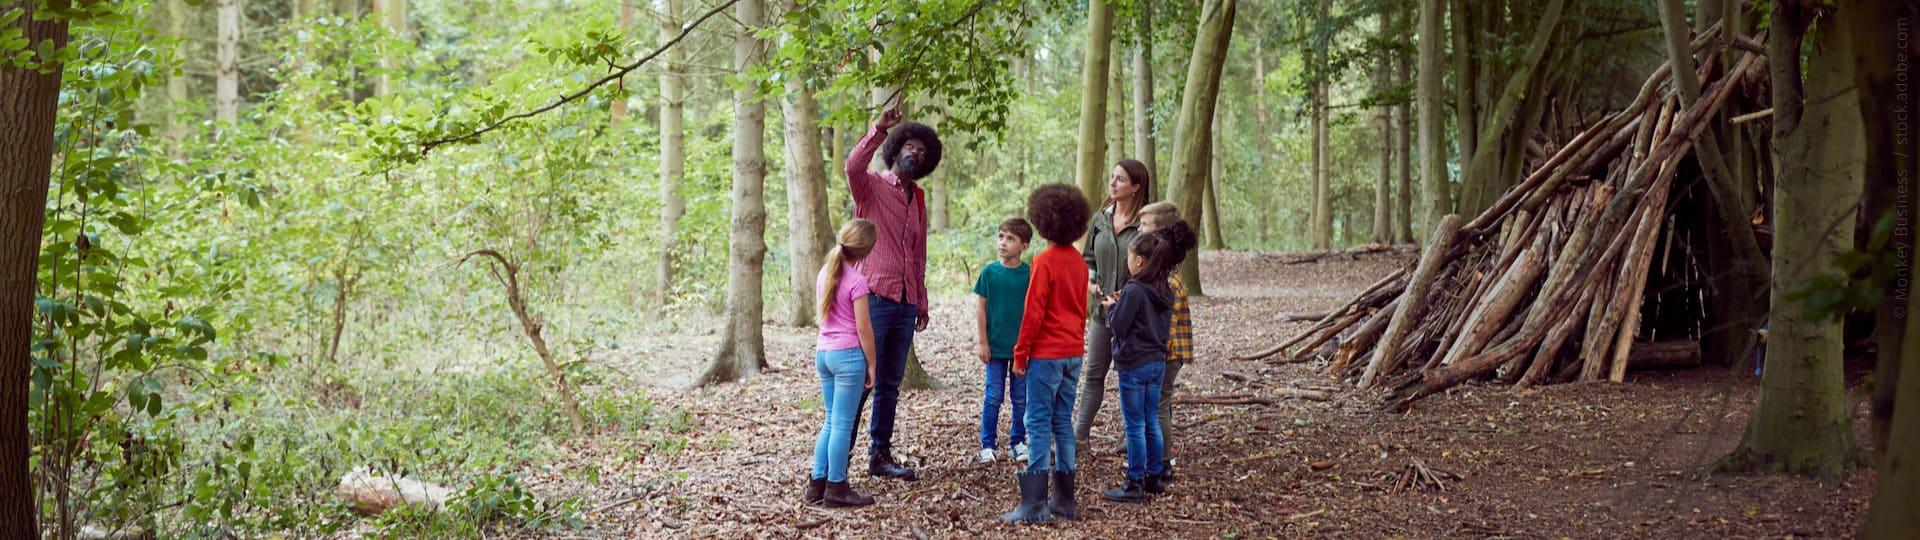 Erwachsene erklären Kindern die Natur im Wald